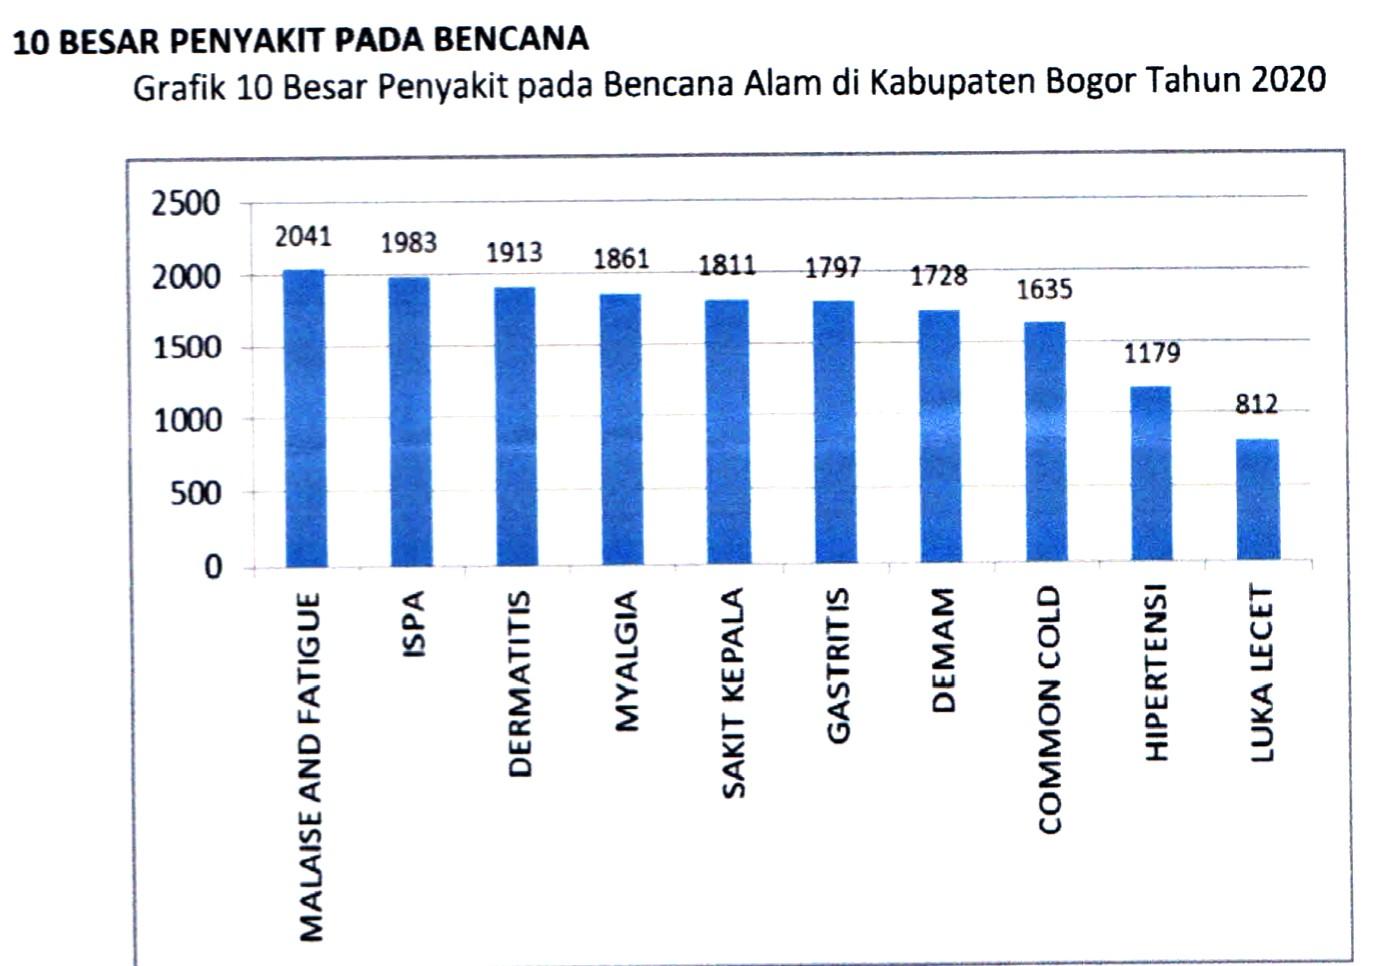 Data Sementara Penyakit Terbesar Pada Korban Bencana Kabupaten Bogor Diskominfo